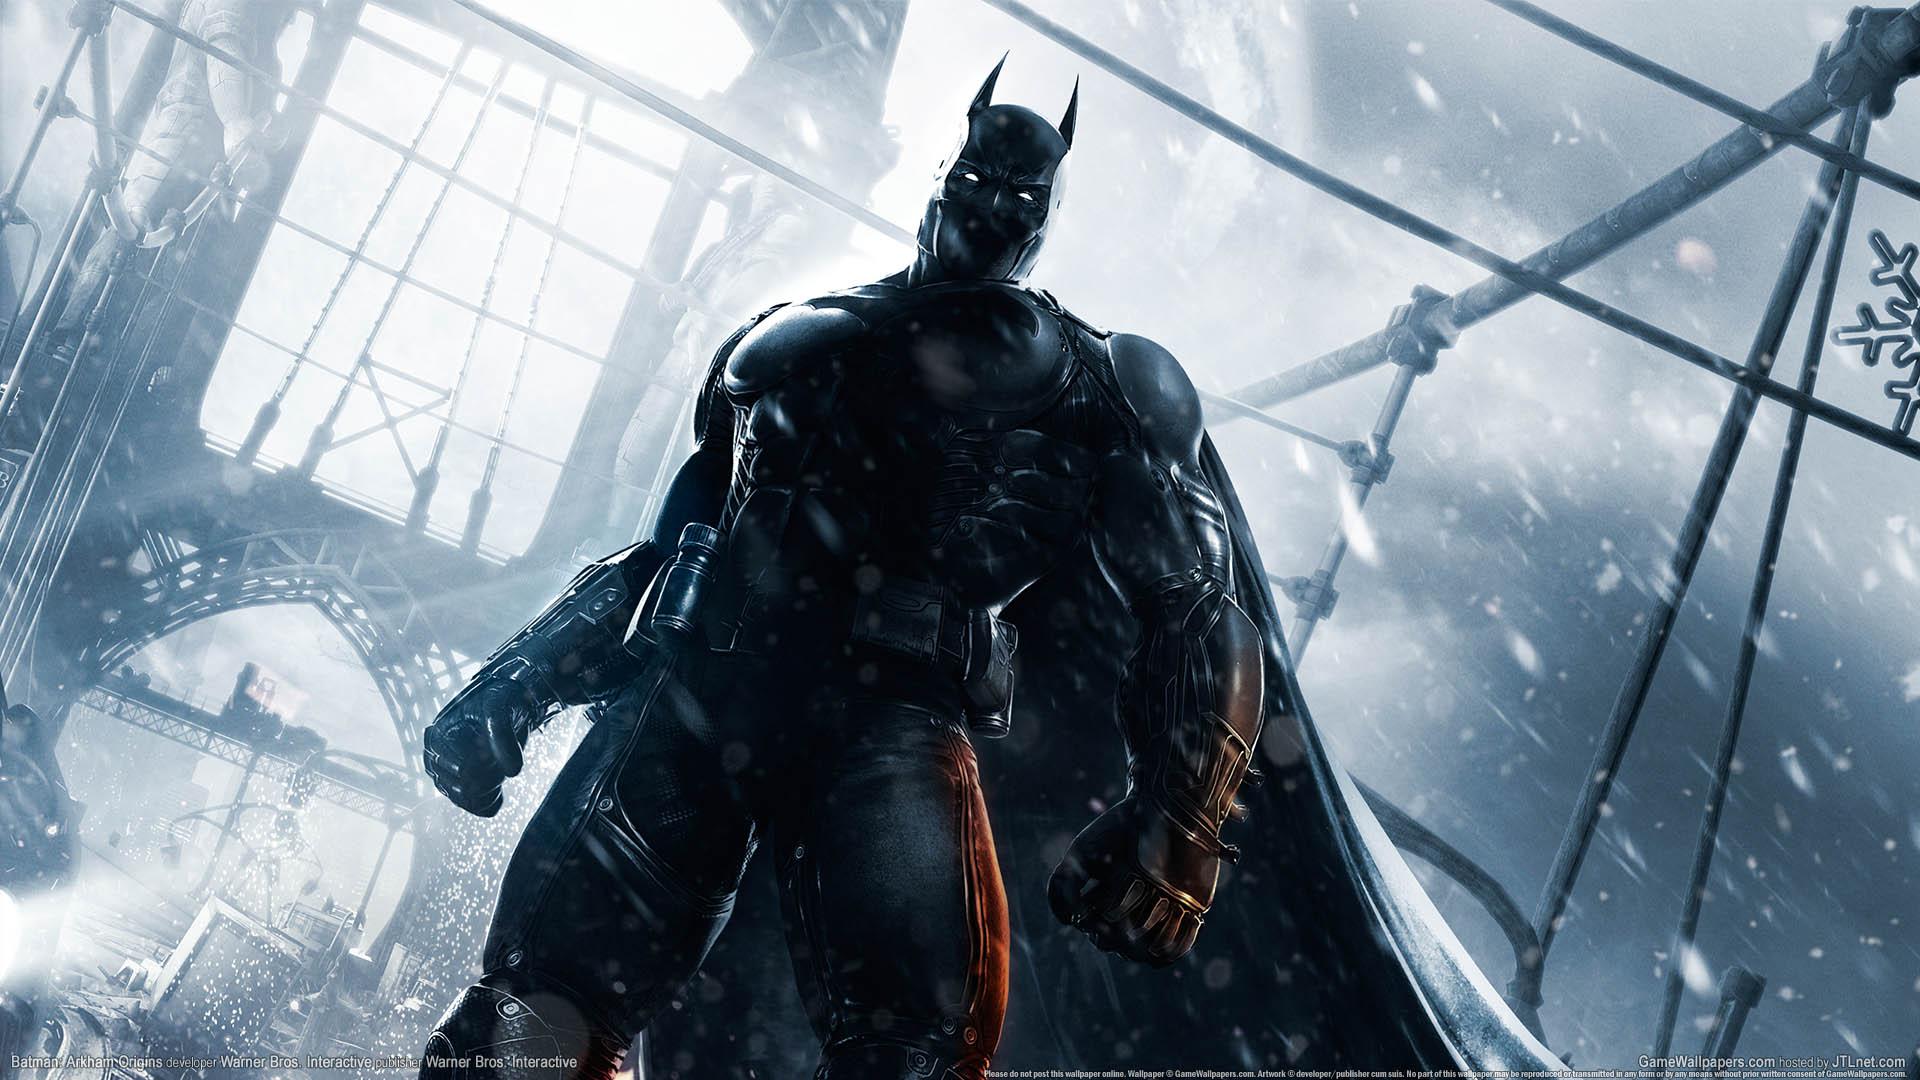 Batman Arkham Origins Wallpaper: Batman: Arkham Origins Wallpaper 06 1920x1080